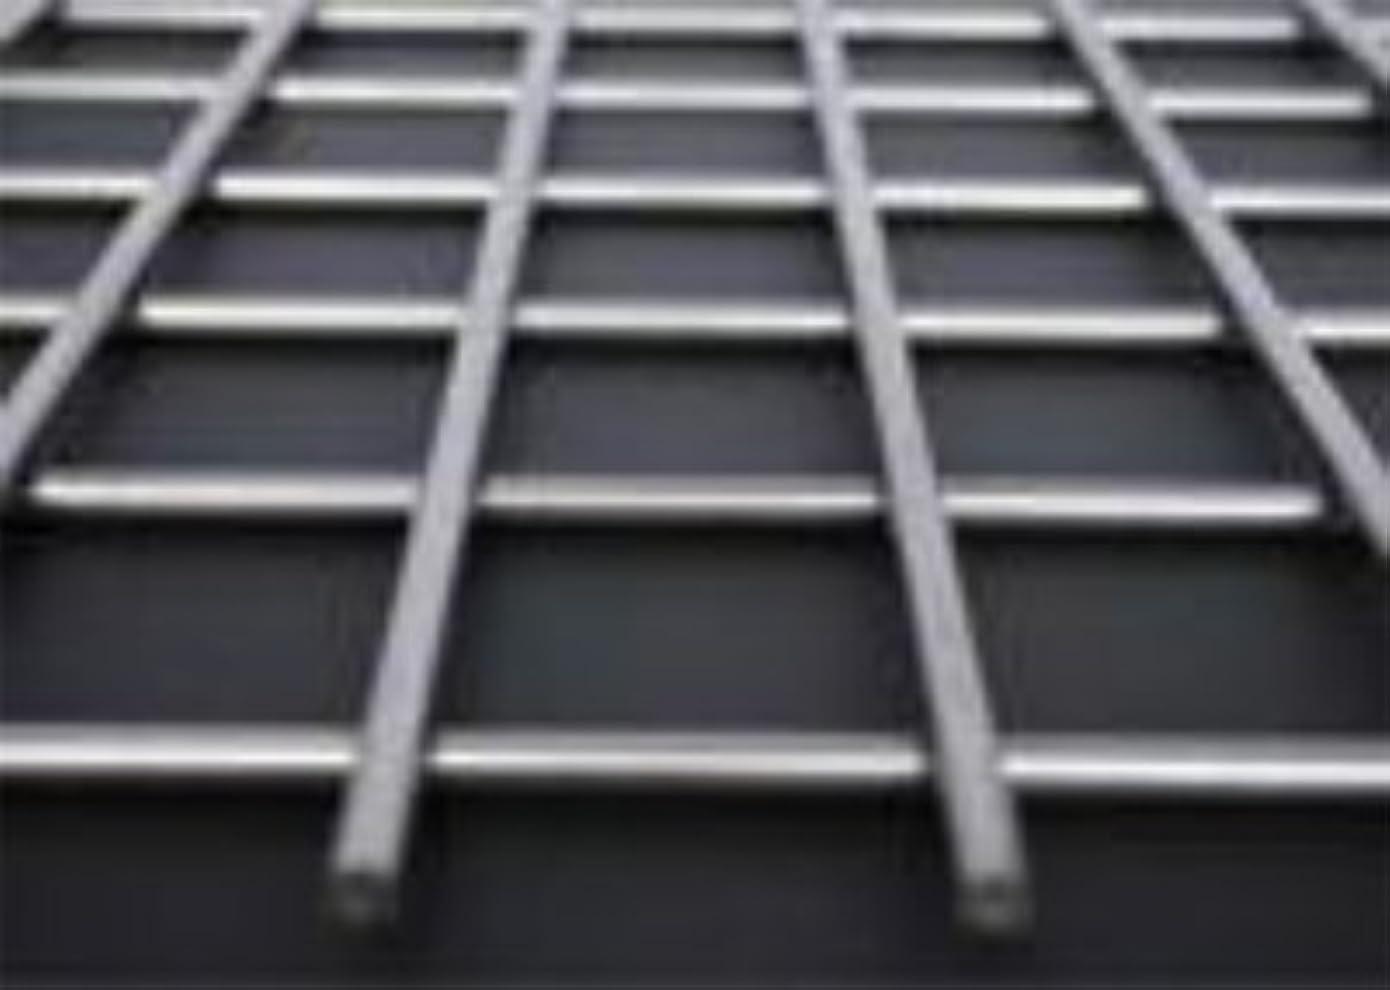 セール順応性高層ビルステンレス SUS304 ファインメッシュ 溶接金網 目開き(mm):9×19 線径(mm):1.0